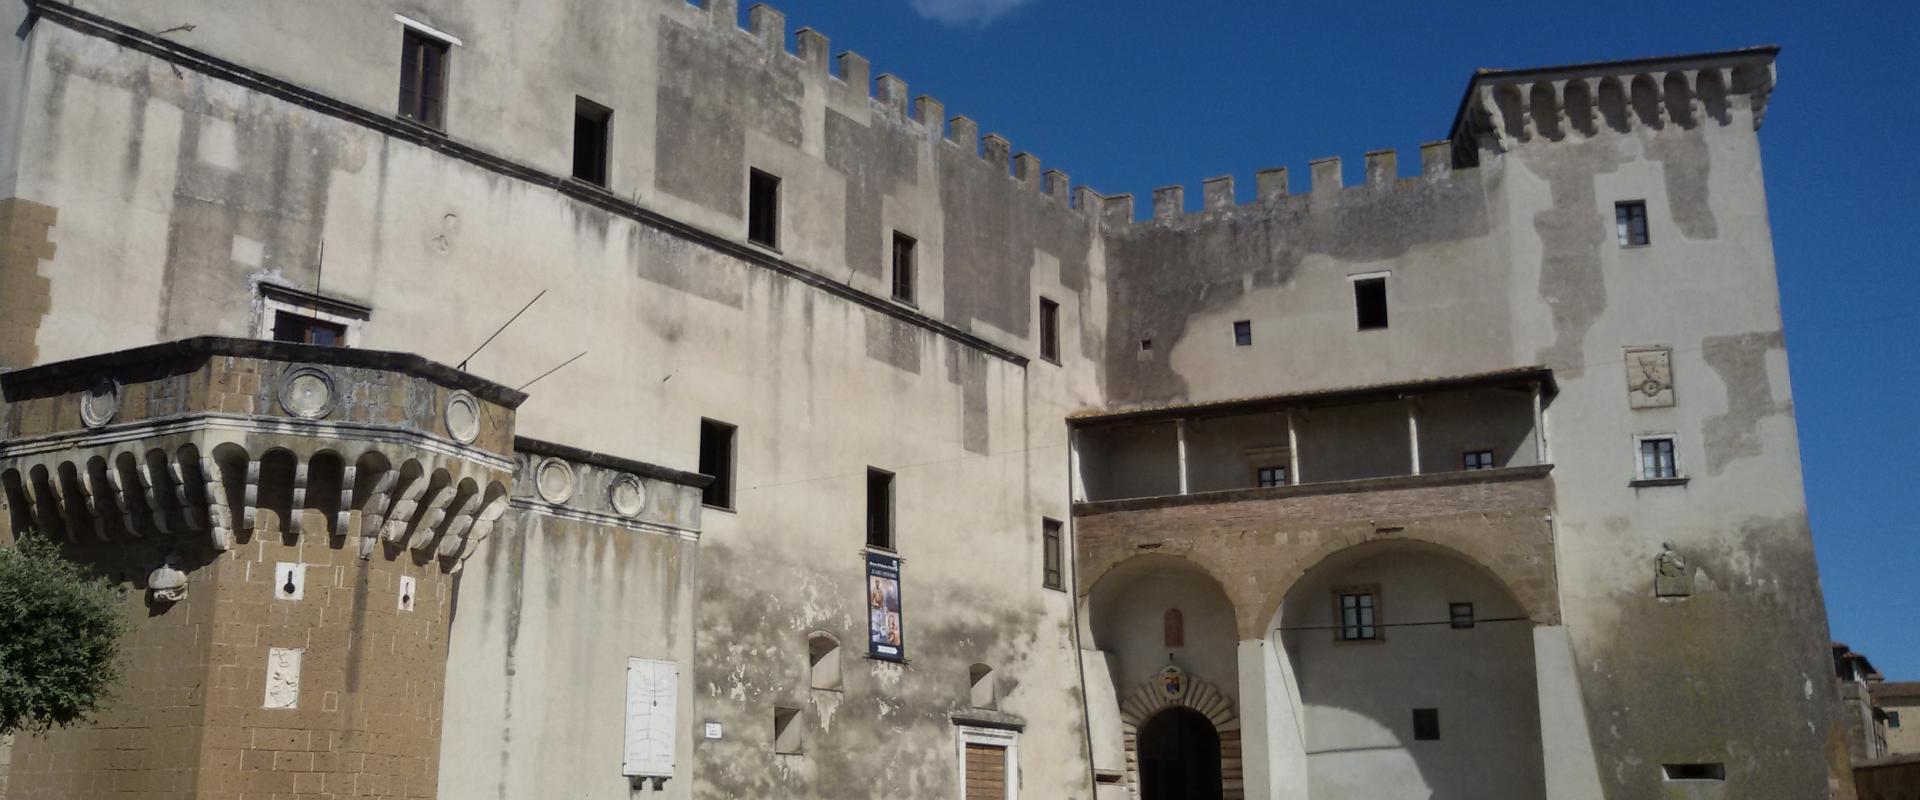 Pitigliano castello orsini